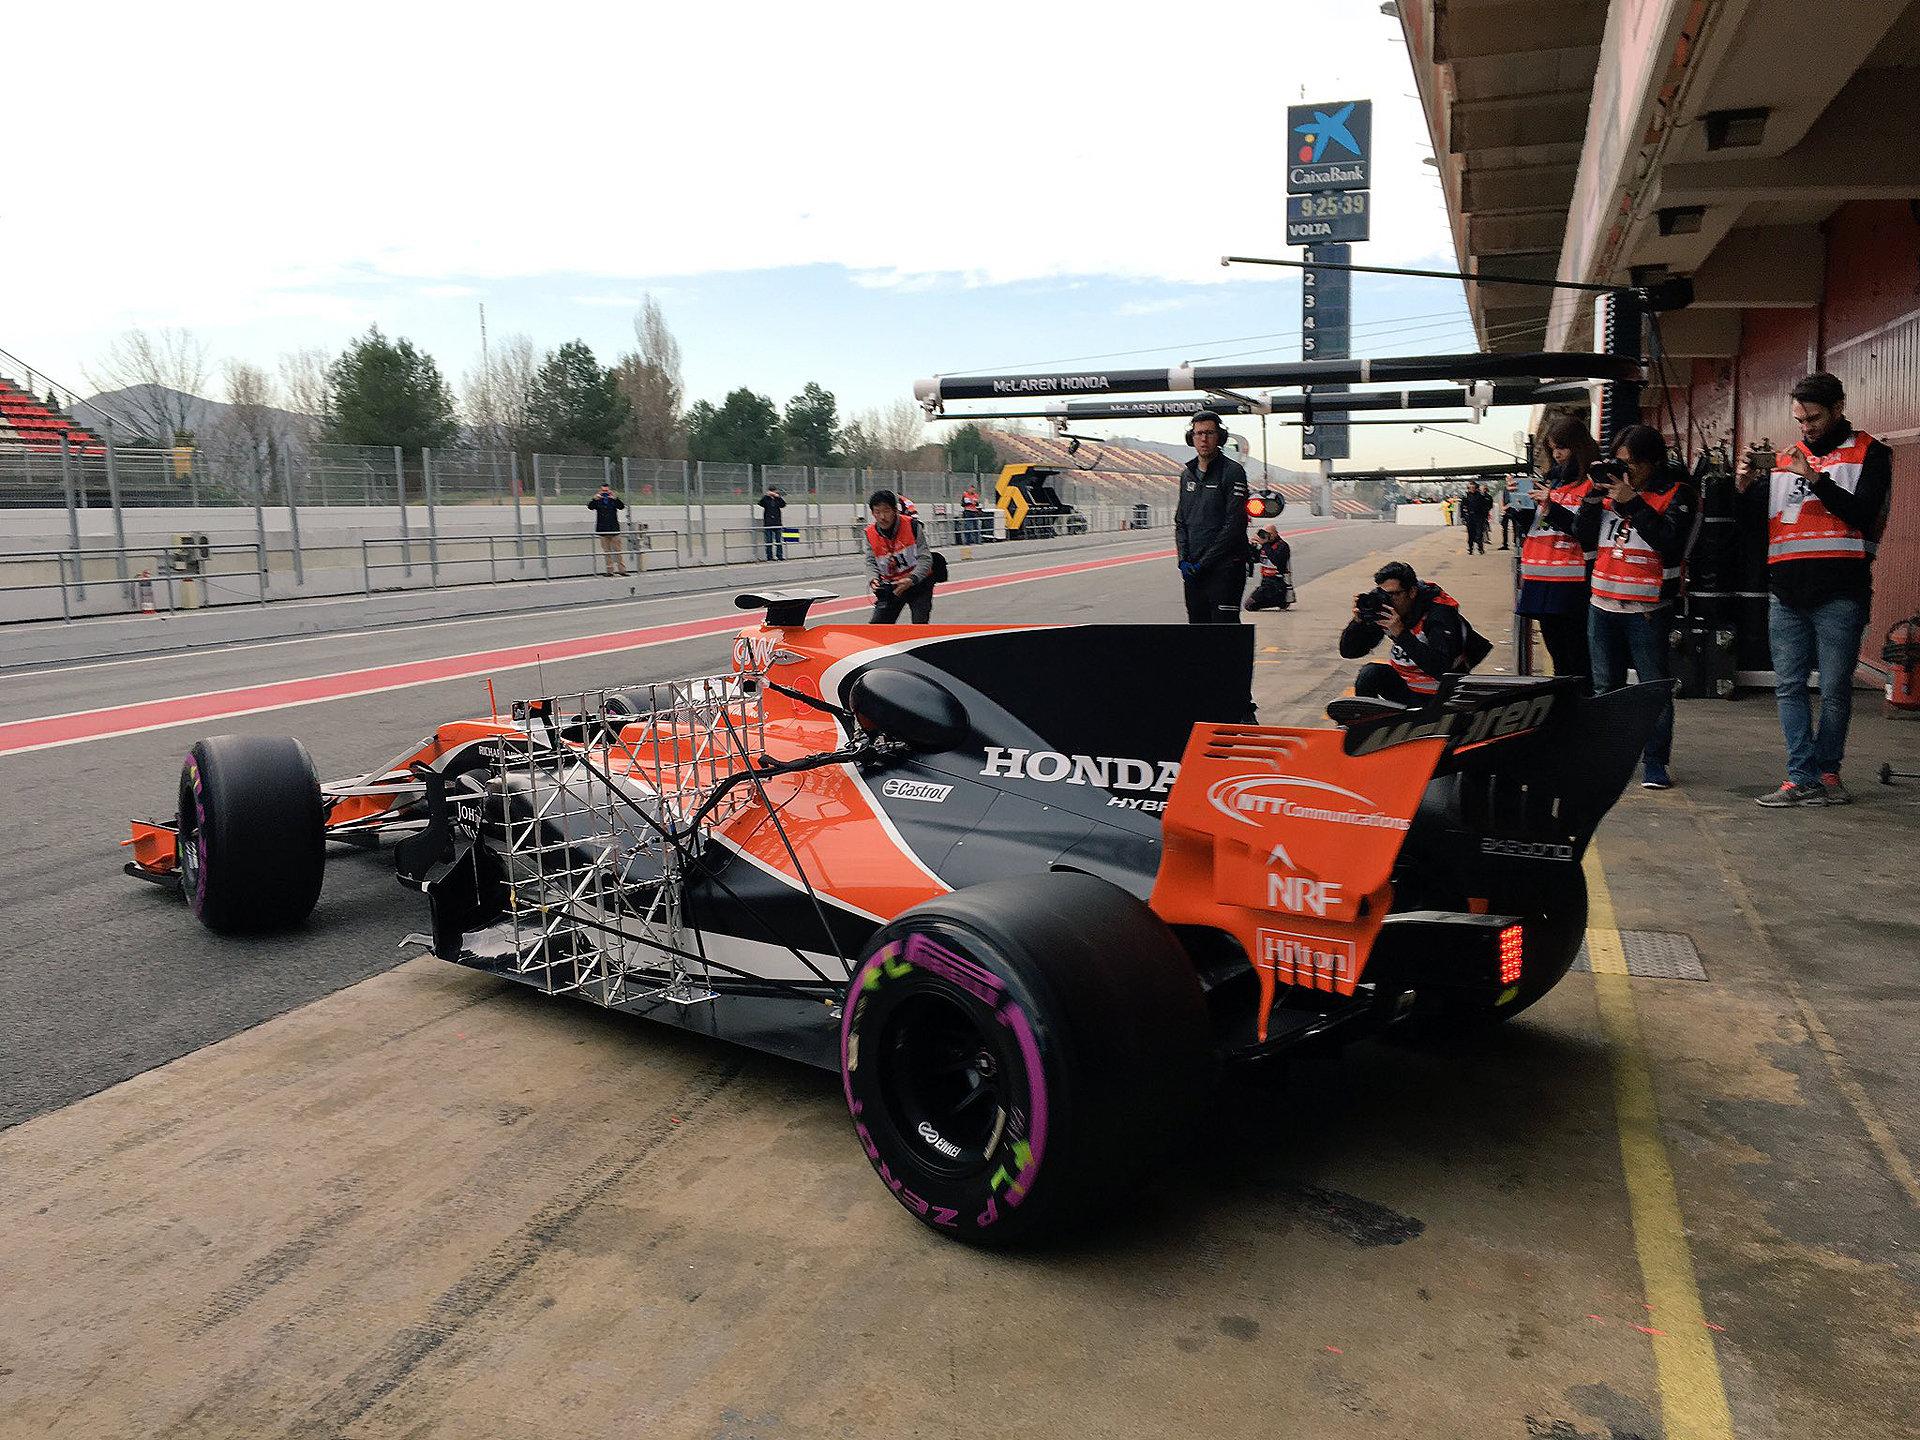 McLaren v předsezónních testech v Barceloně čekalo hořké vystřízlivění, nejhorší sny se stávaly opět skutečností